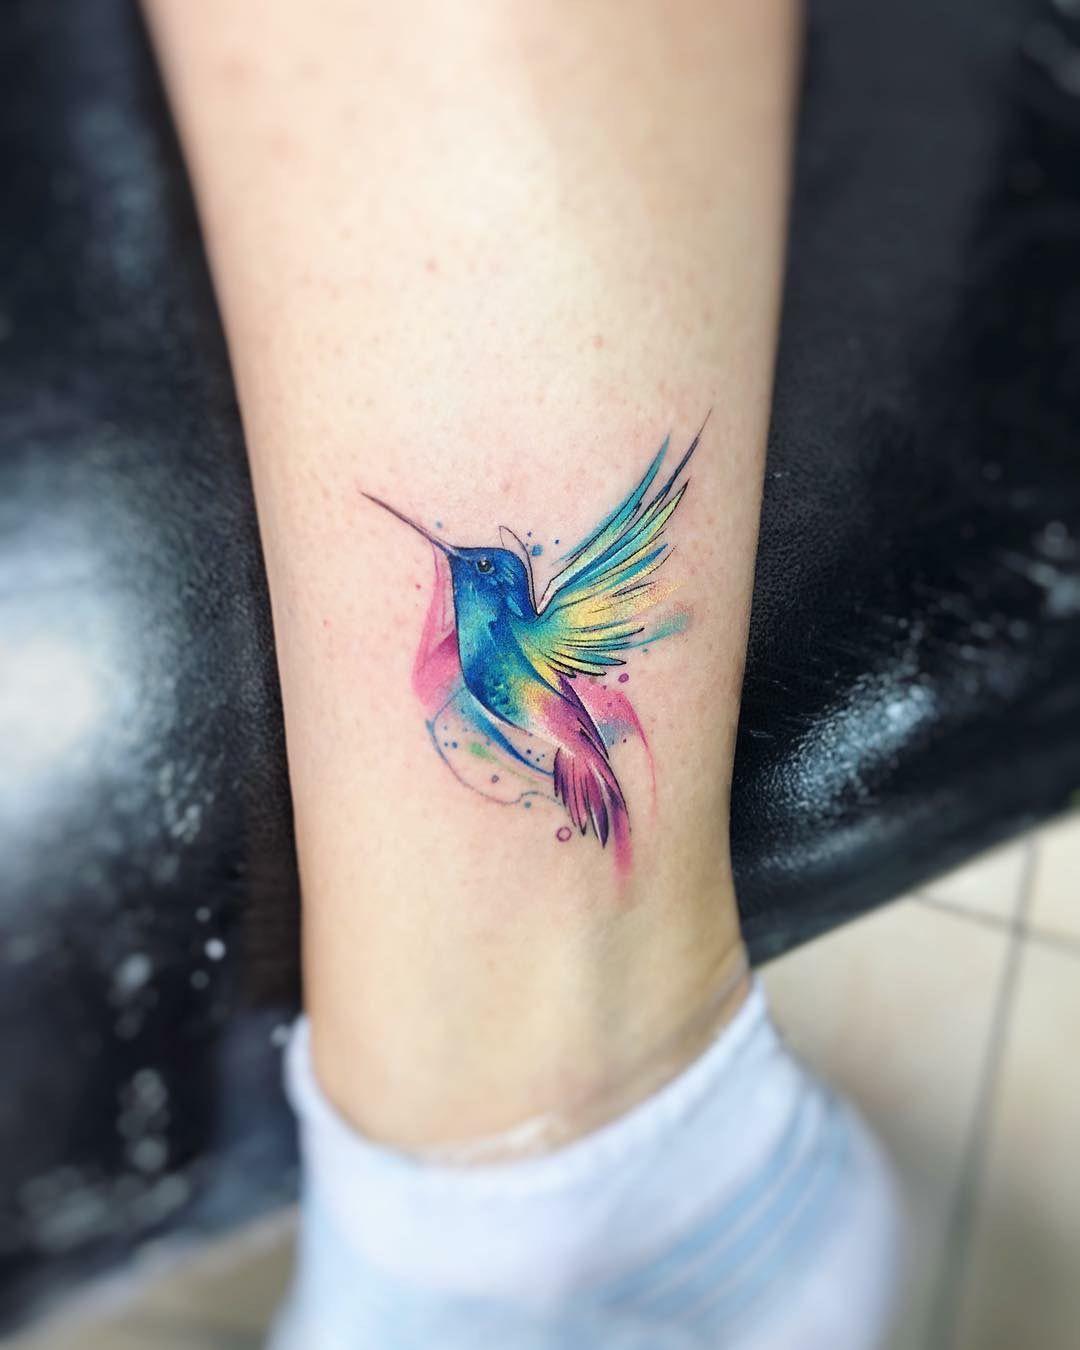 Hình xăm chim én nghệ thuật ở cổ chân đẹp nhất